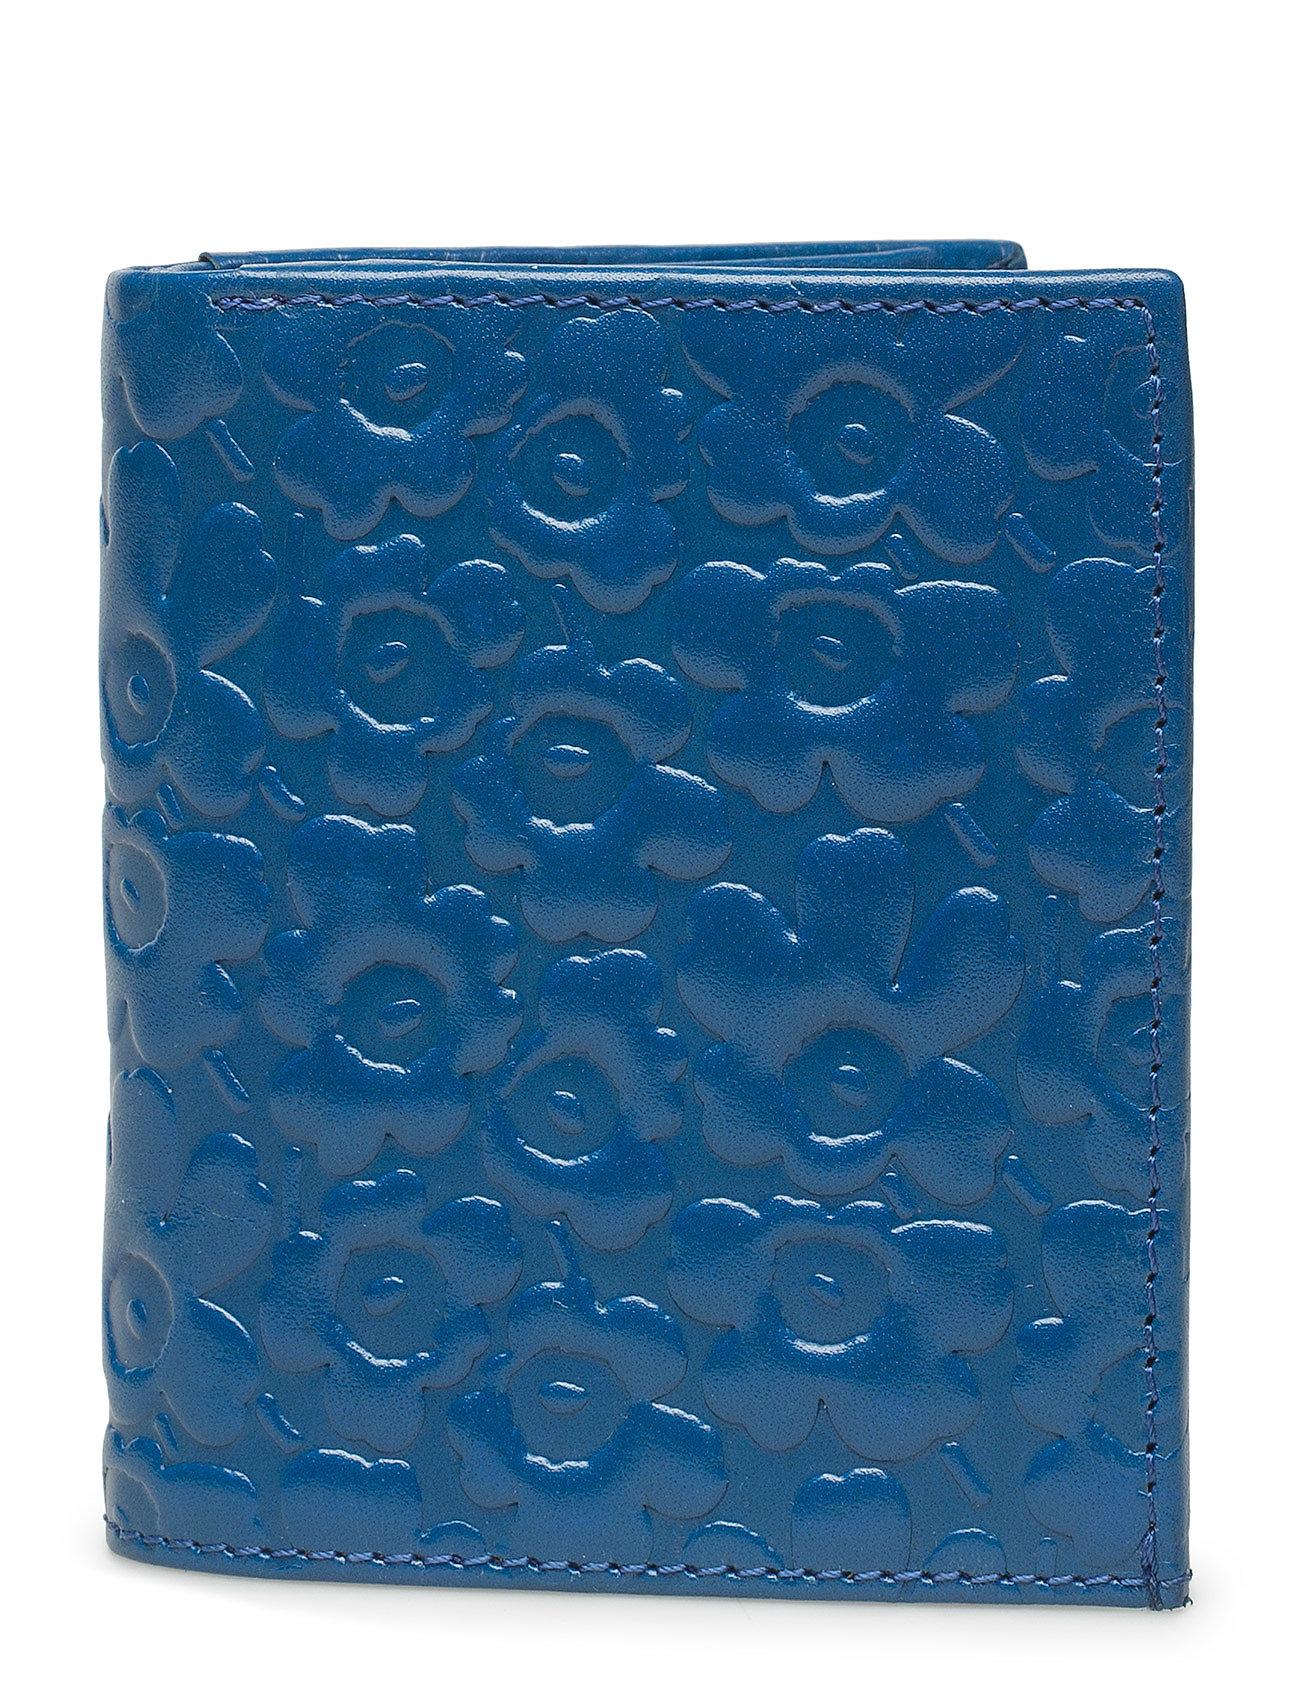 296067ab71fa9 Katri Wallet Leather Freie VerschiffenSpielraum Auslass Niedriger ...